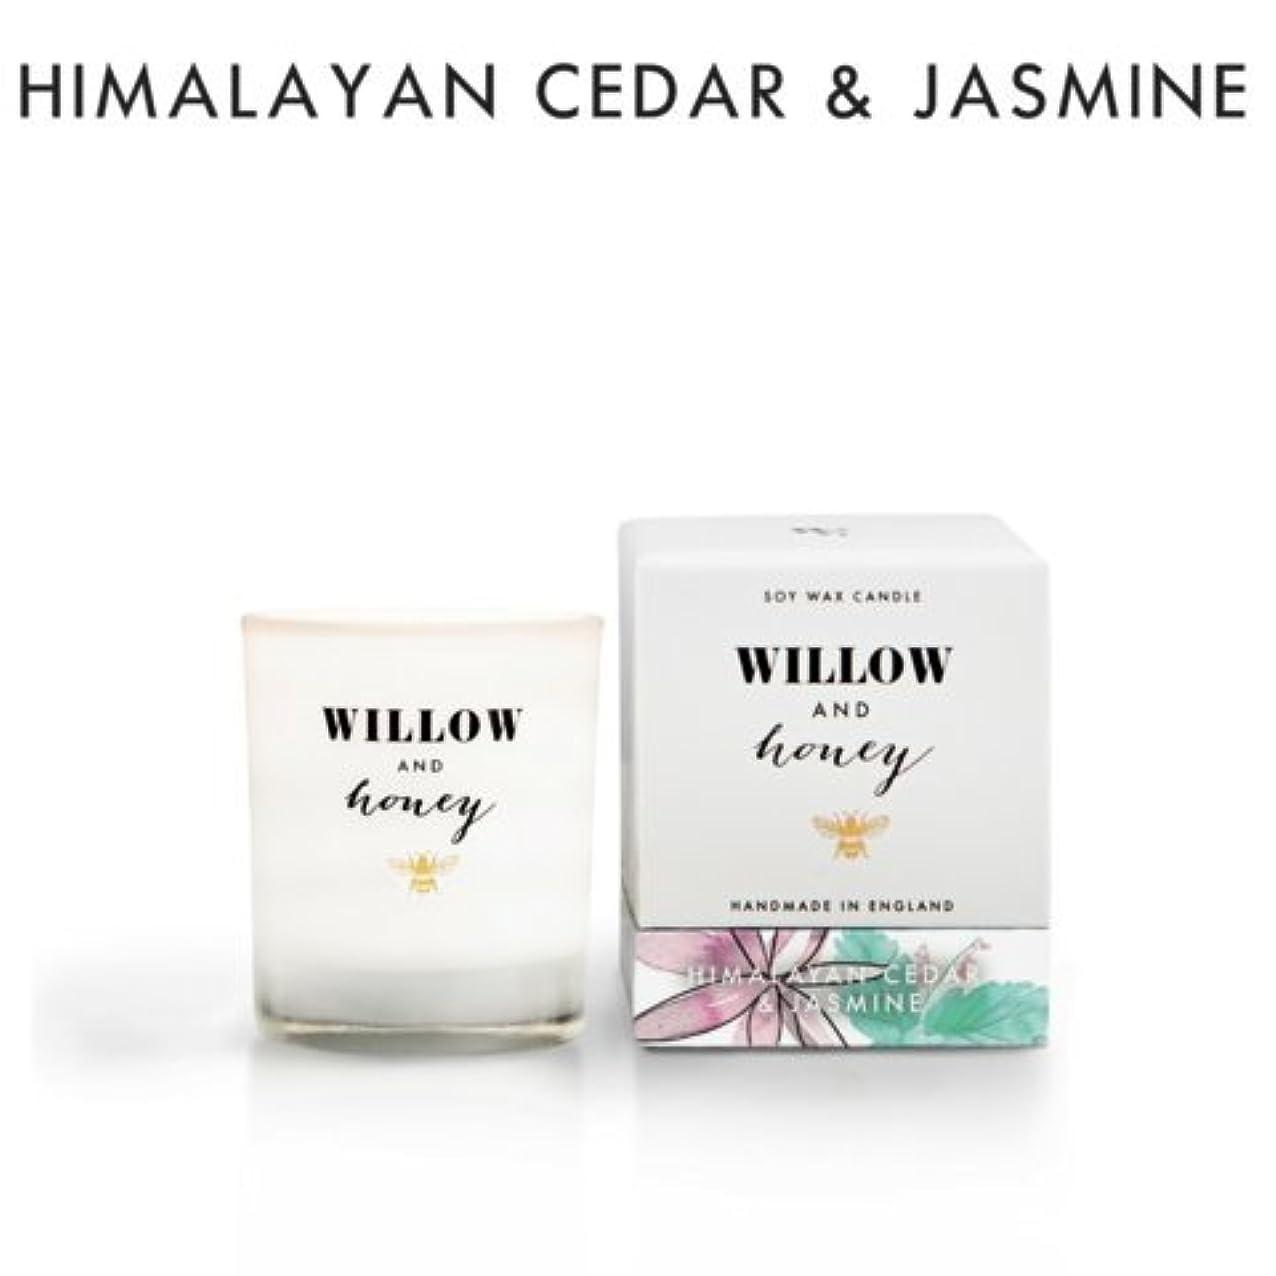 上回る乱雑な前進大豆ワックスMini香りつきAromatherapy Candle – Fill Your Room withプレミアム天然長持ち香りなし、パラフィンと非毒性15時間燃焼時間理想的なギフト